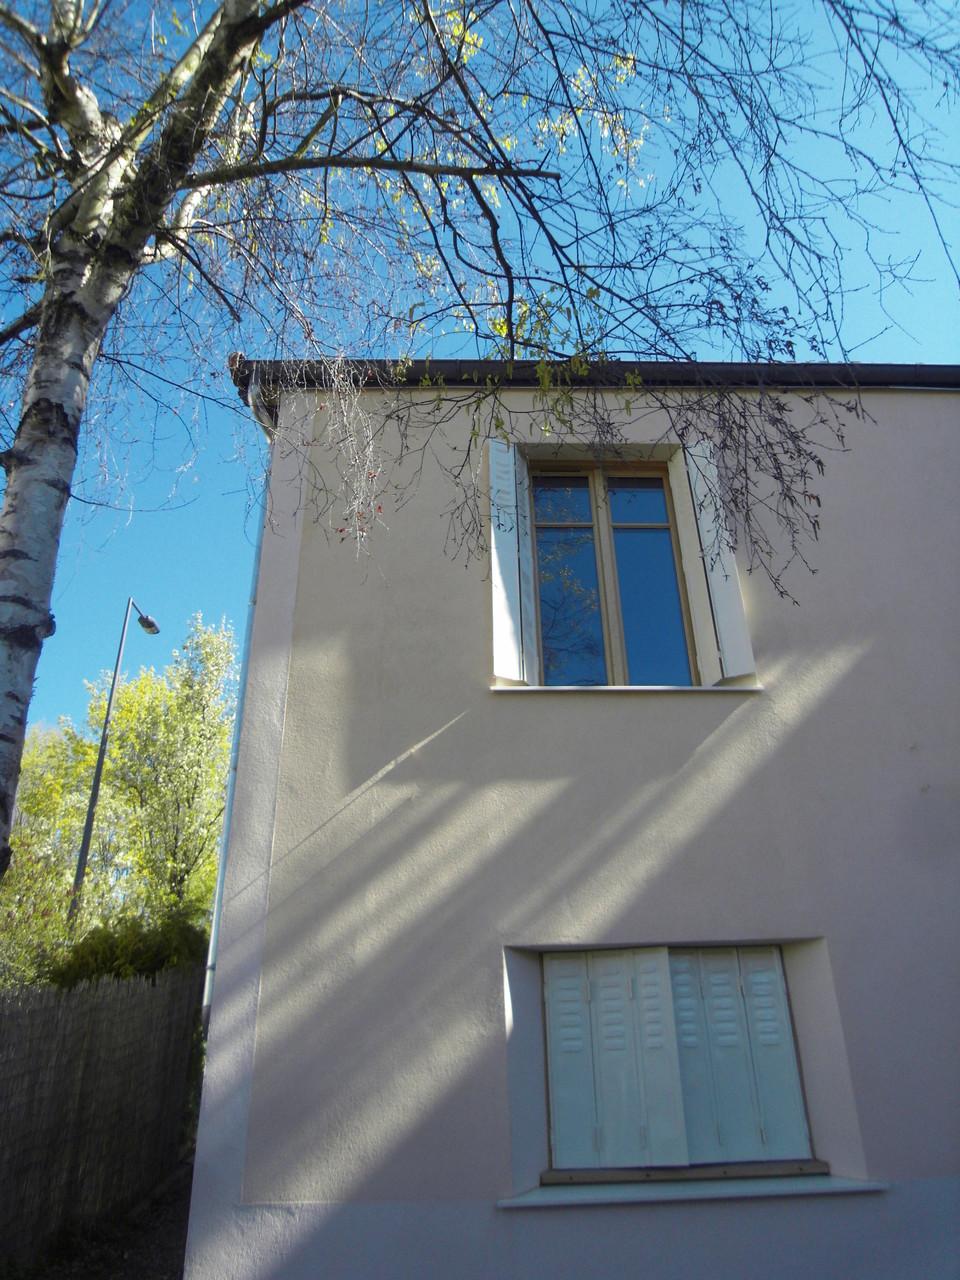 Détail chanfrein fenêtre pour replier les persiennes métalliques de remploi